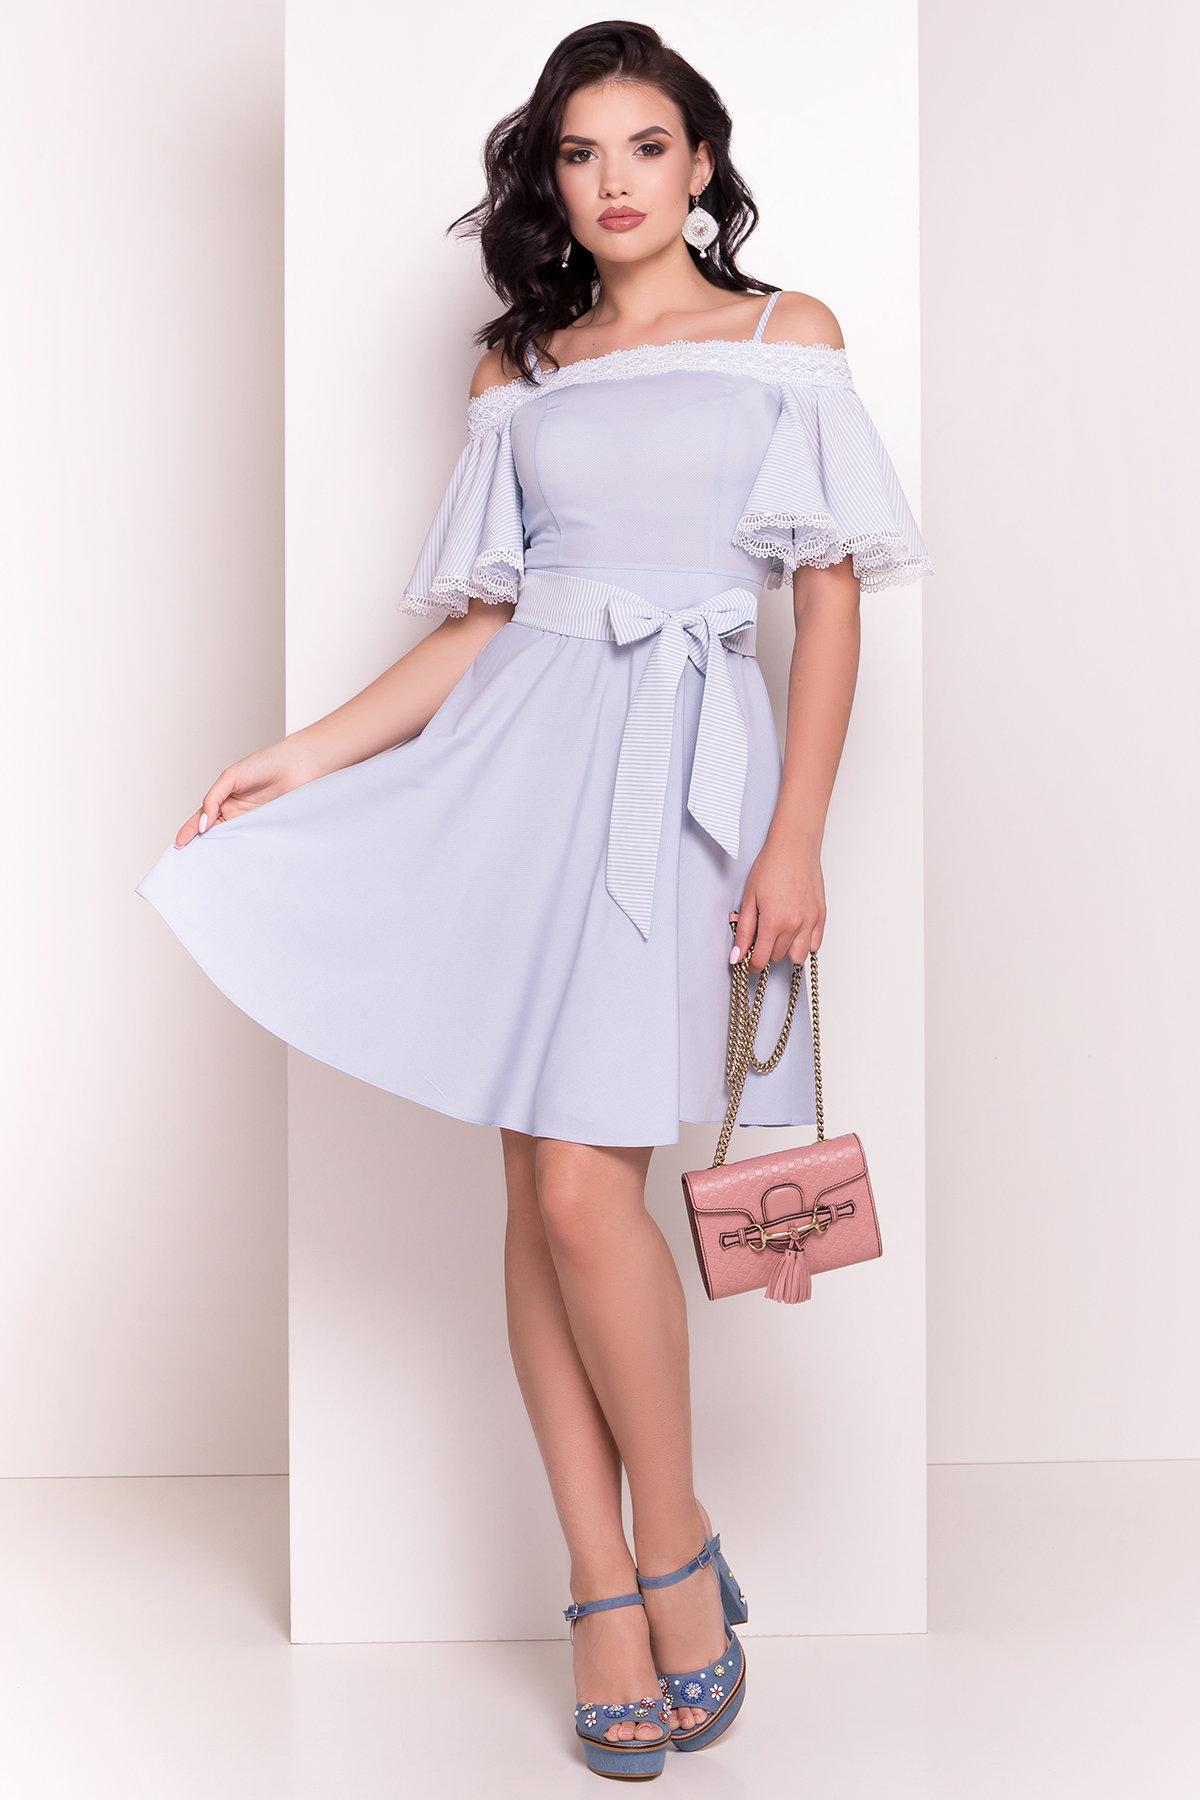 Платье Виолетта 4984 АРТ. 36119 Цвет: Голубой/молоко горох 1 - фото 1, интернет магазин tm-modus.ru